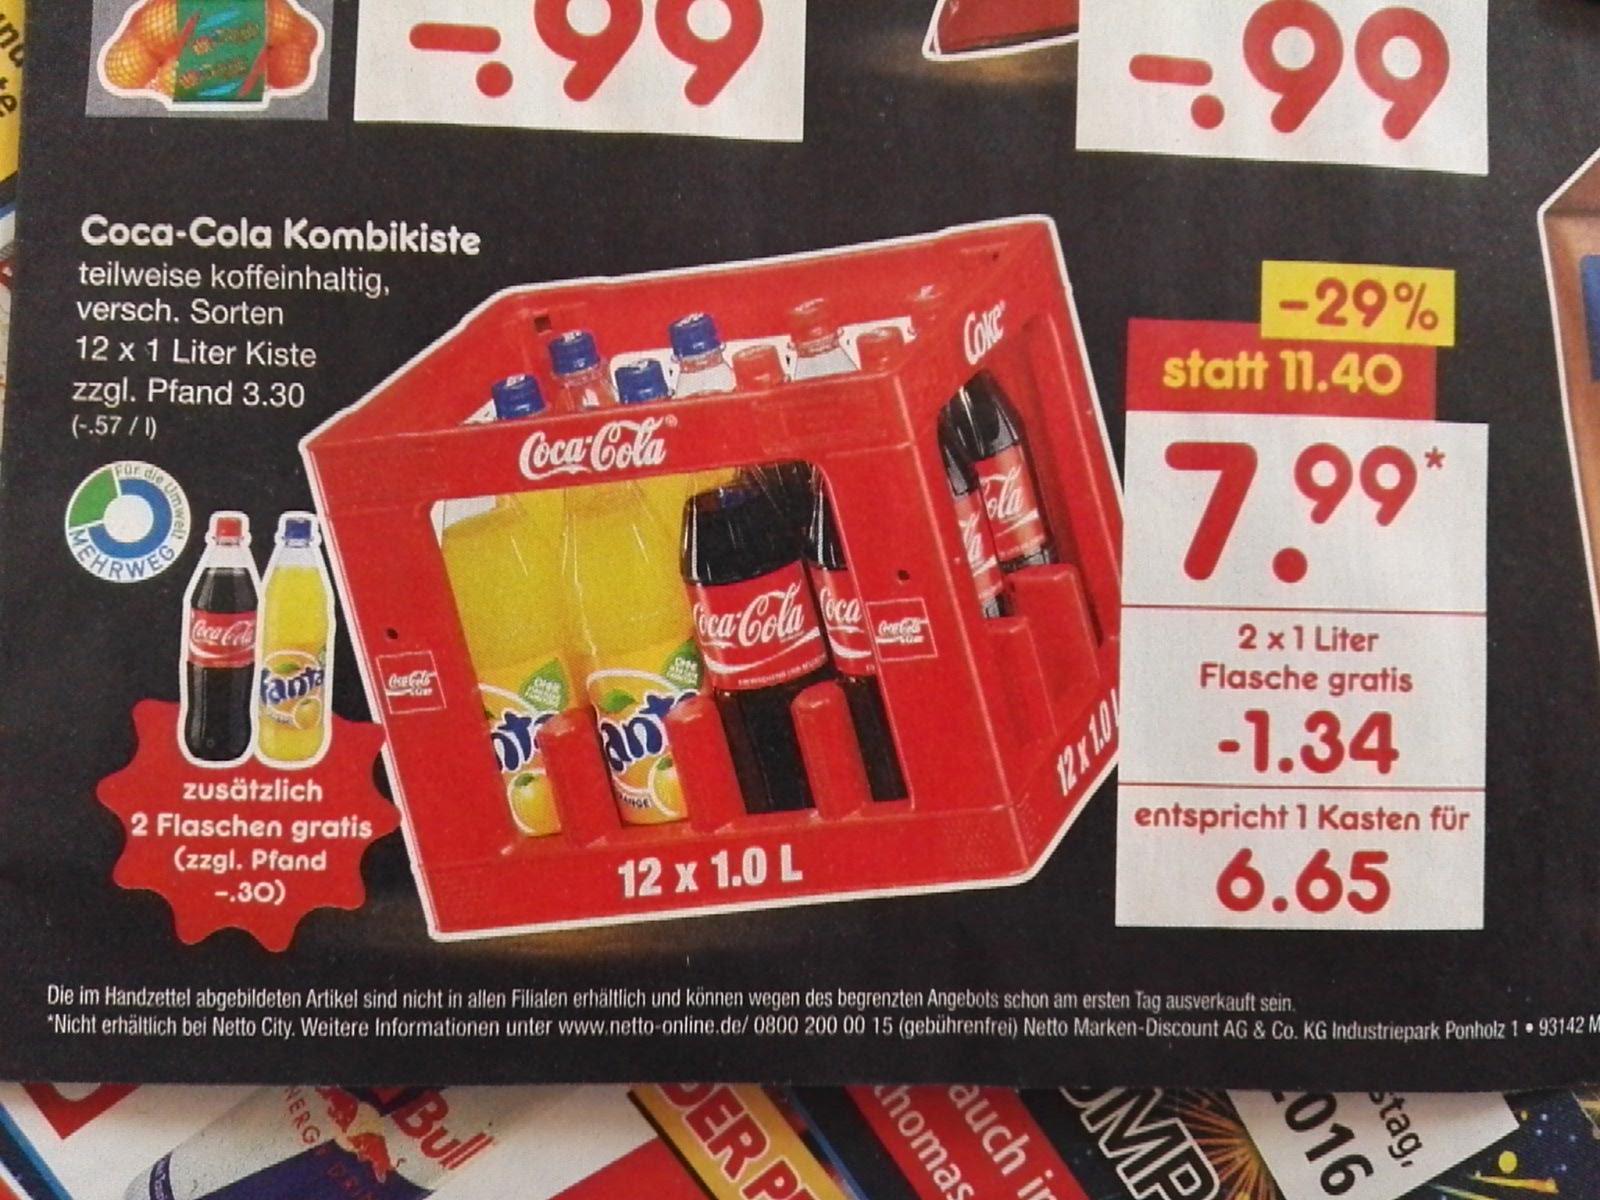 Coca Cola Fanta Sprite 14x1l @Netto ohne Hund für 7,99€ - effektiv 6,65€/Kasten